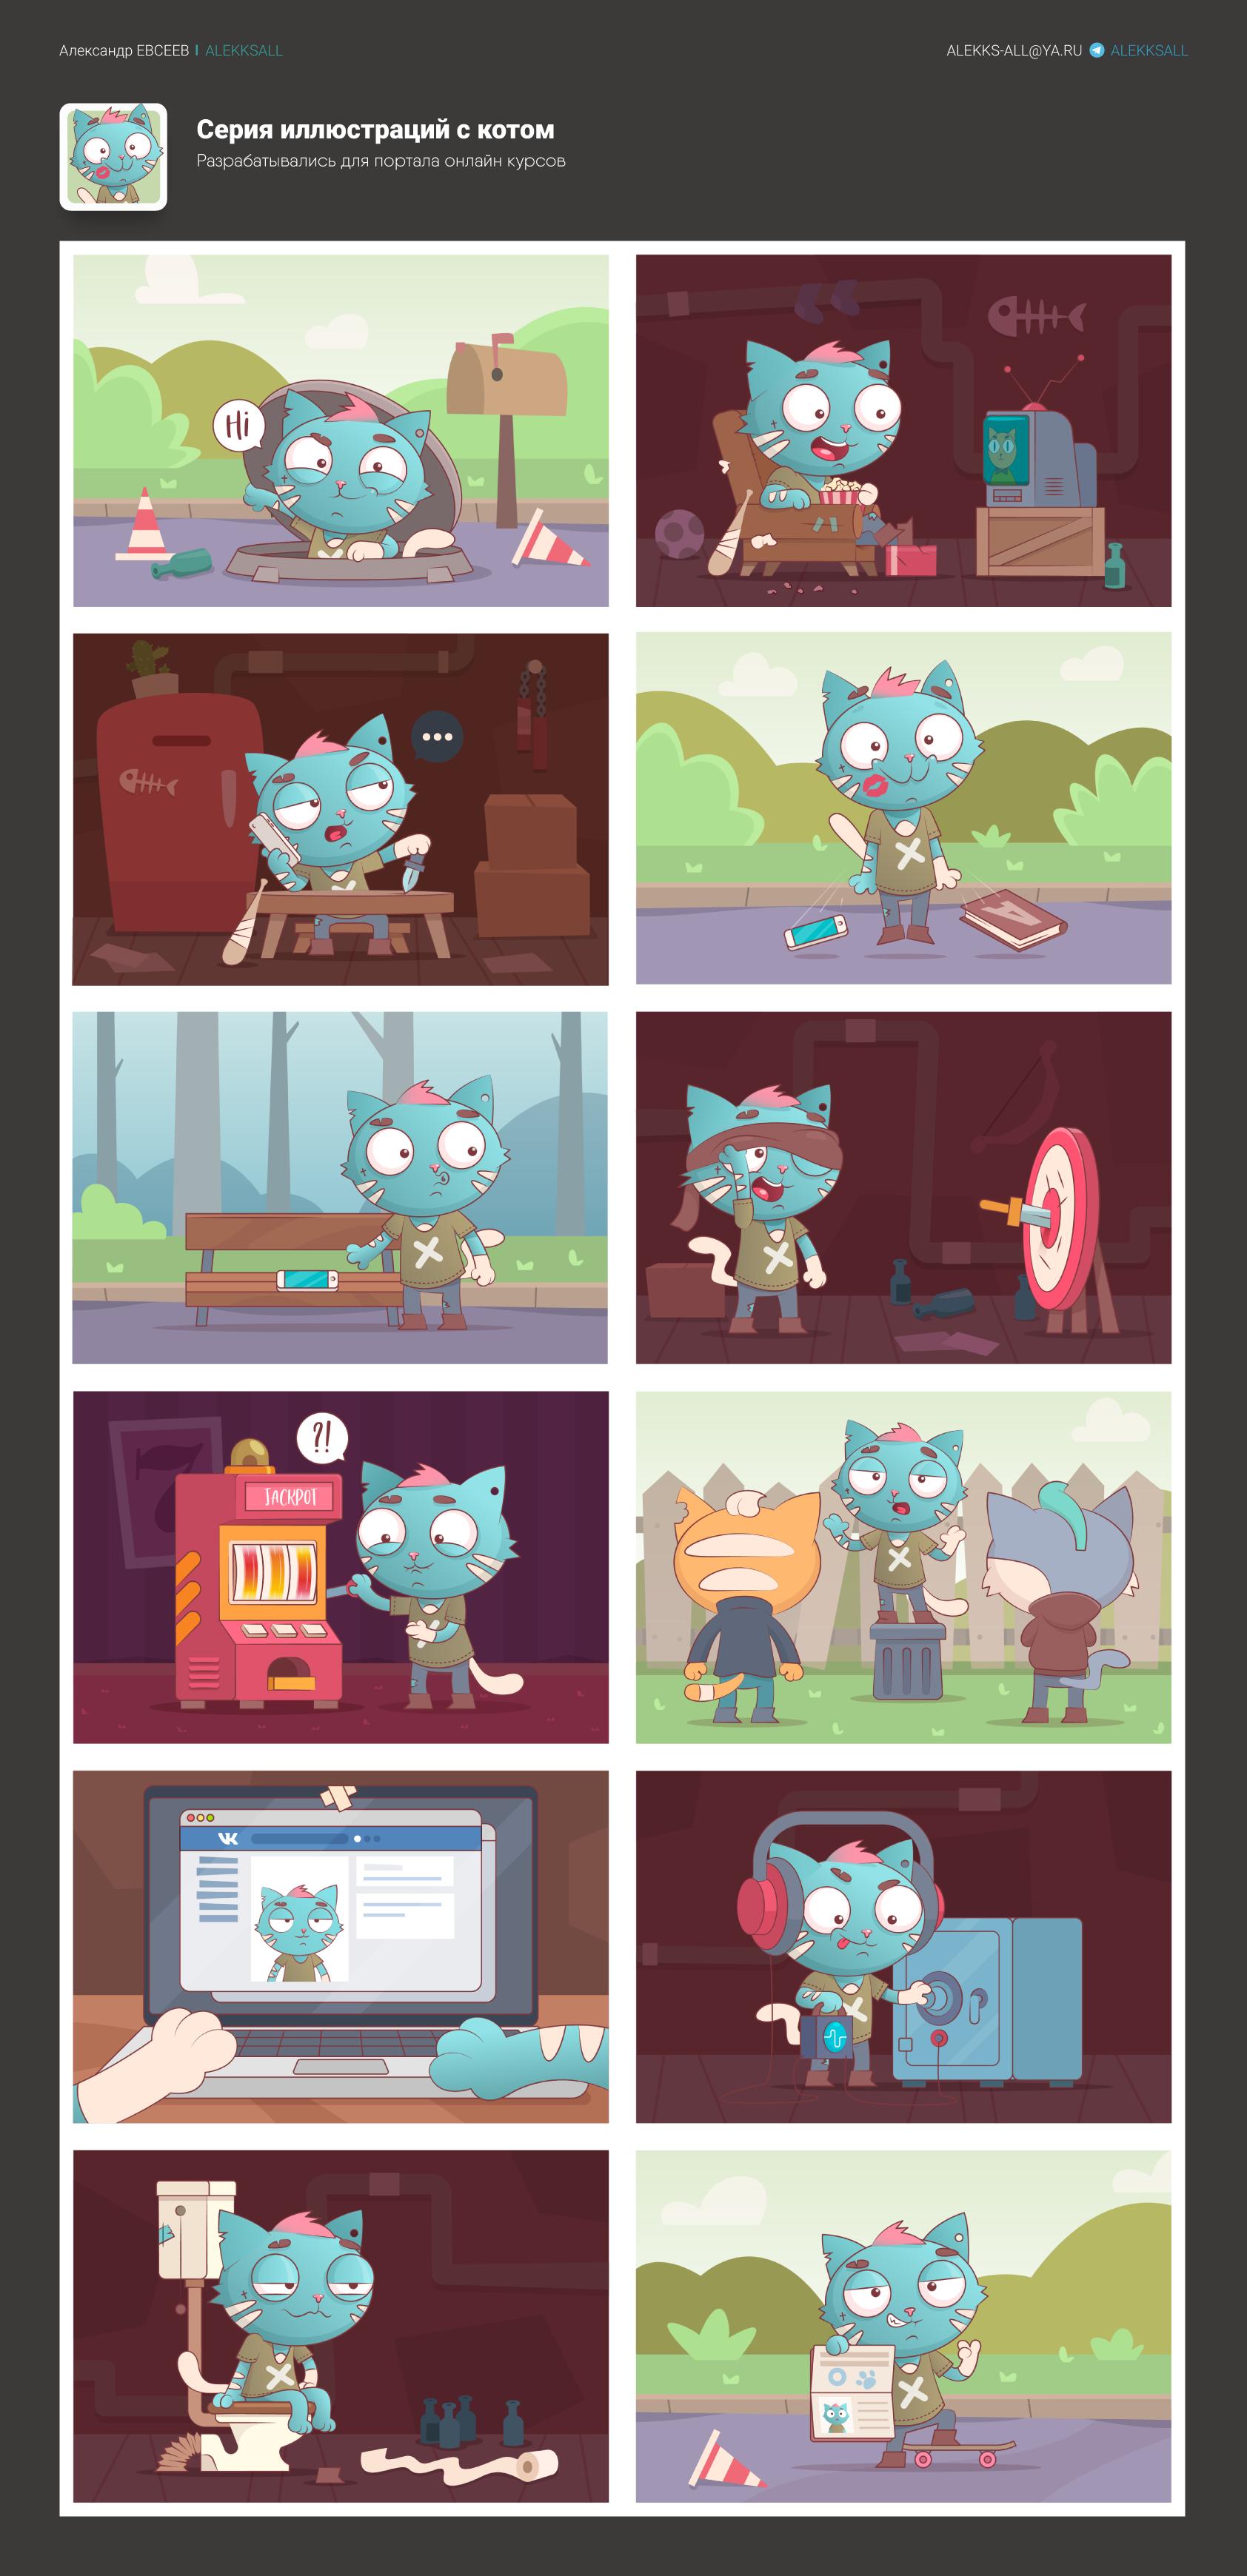 Серия иллюстраций с котом